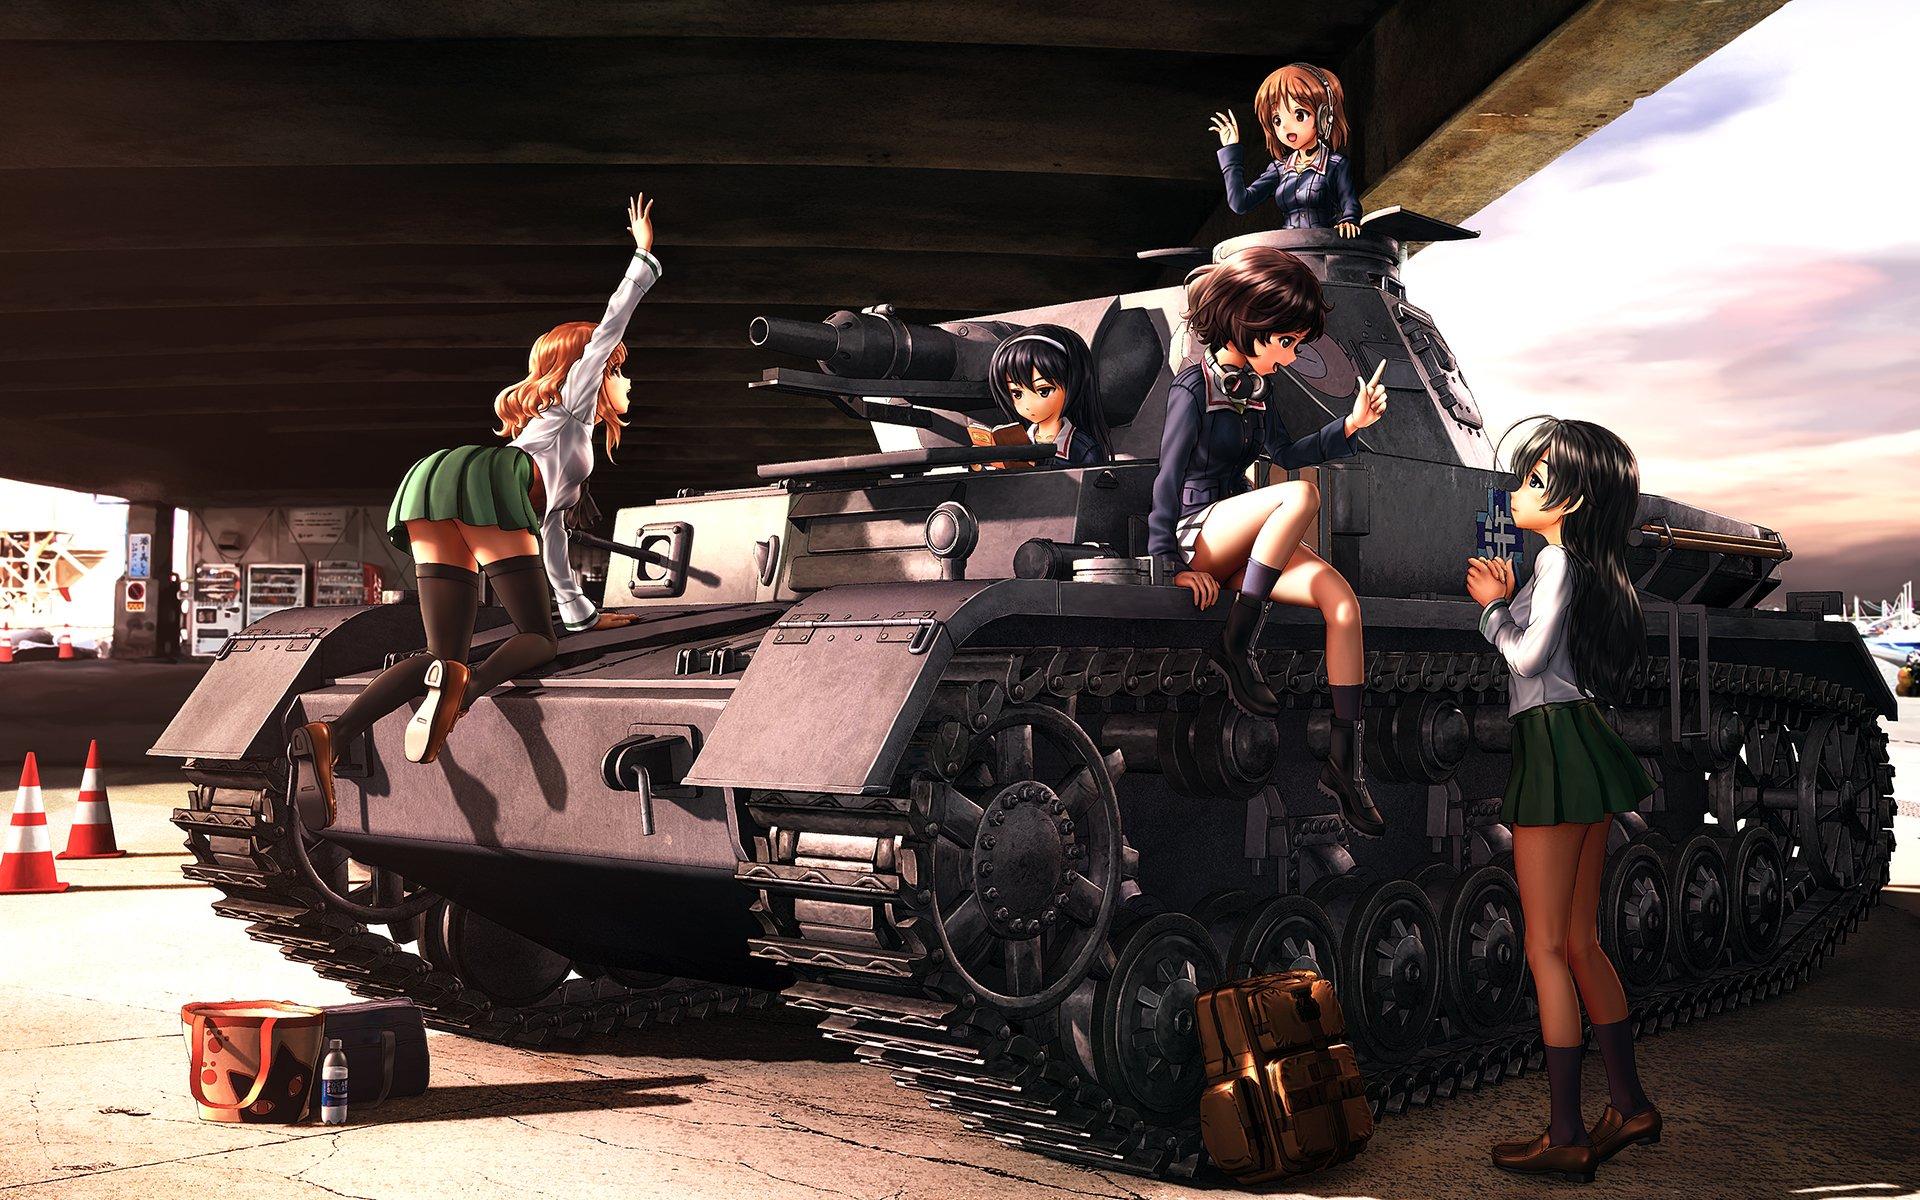 Images of Girls Und Panzer | 1920x1200